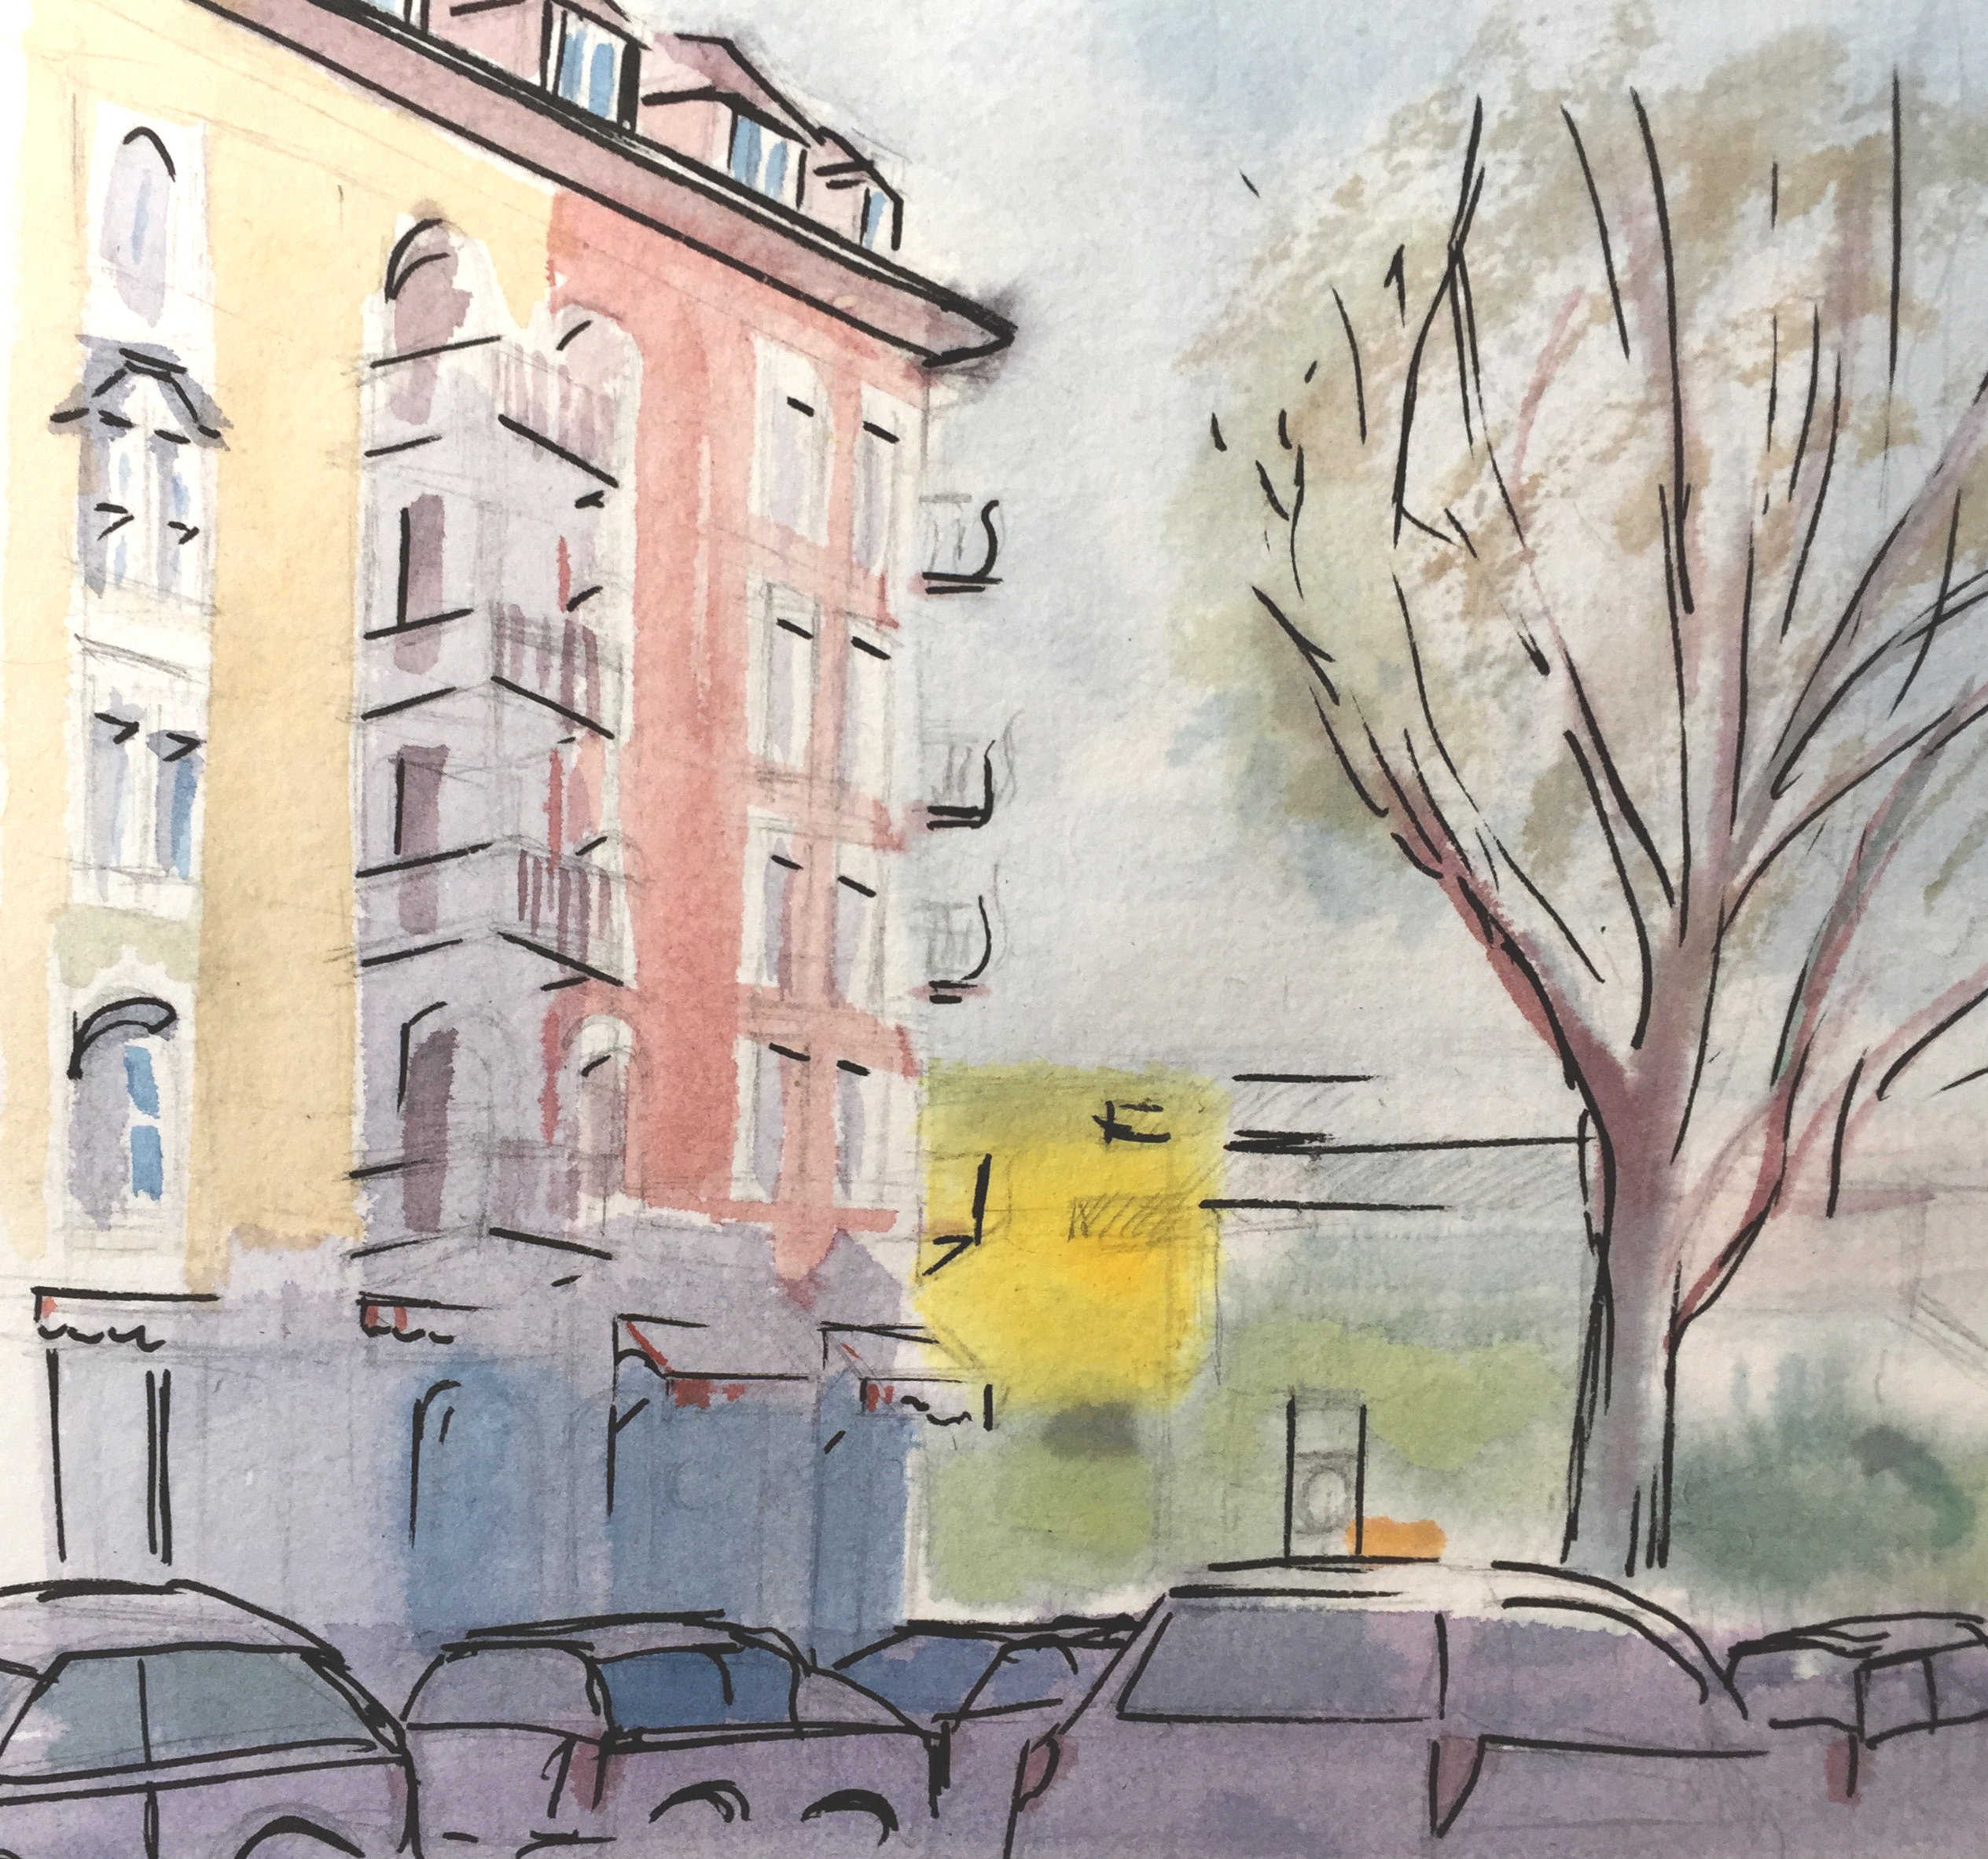 Schreinerstrasse, Zürich,Aquarell, Astrid Amadeo, Urban Sketching